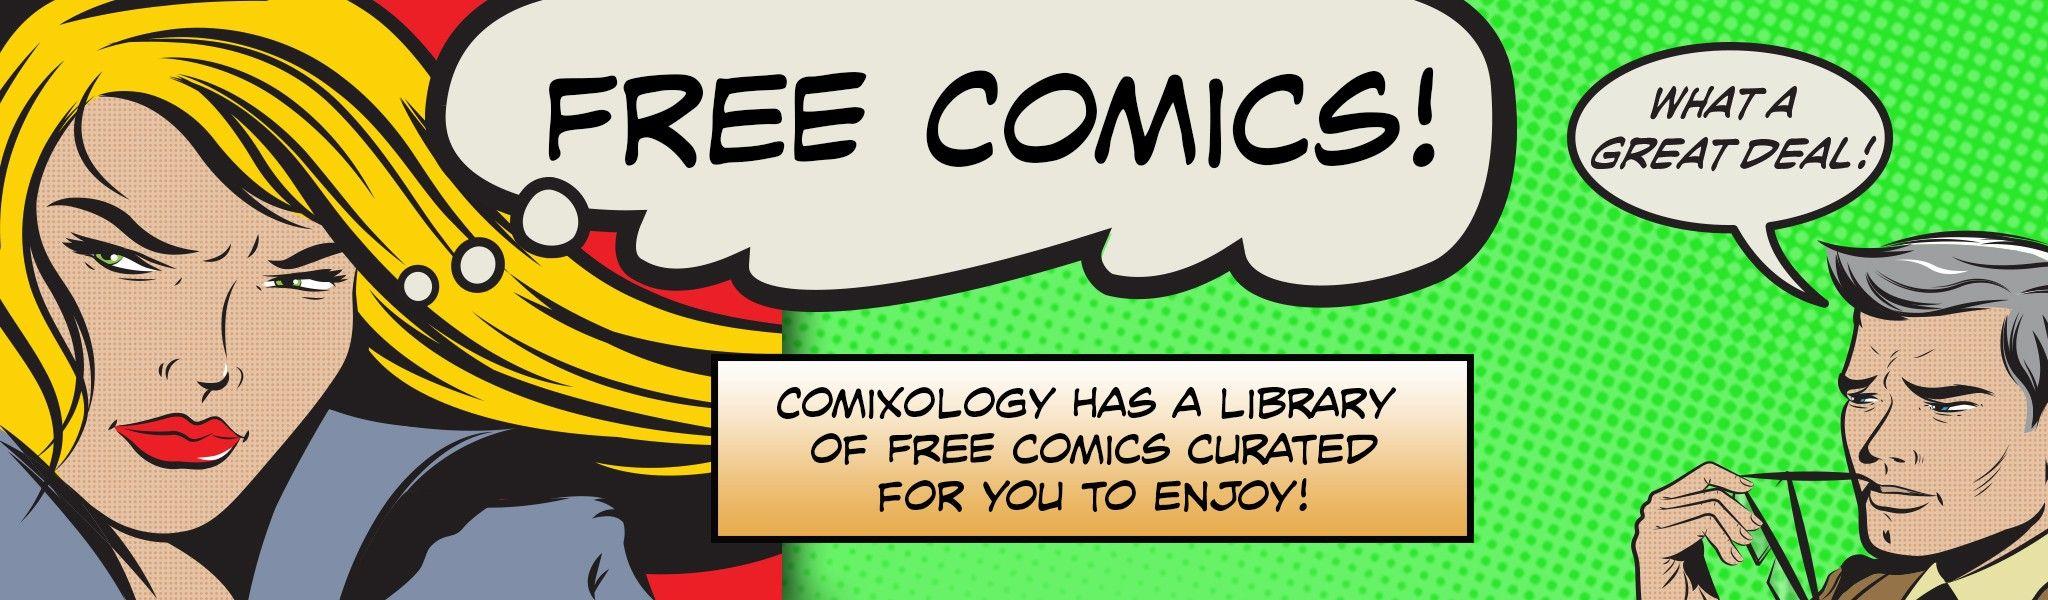 Free Digital Comics @ Comixology